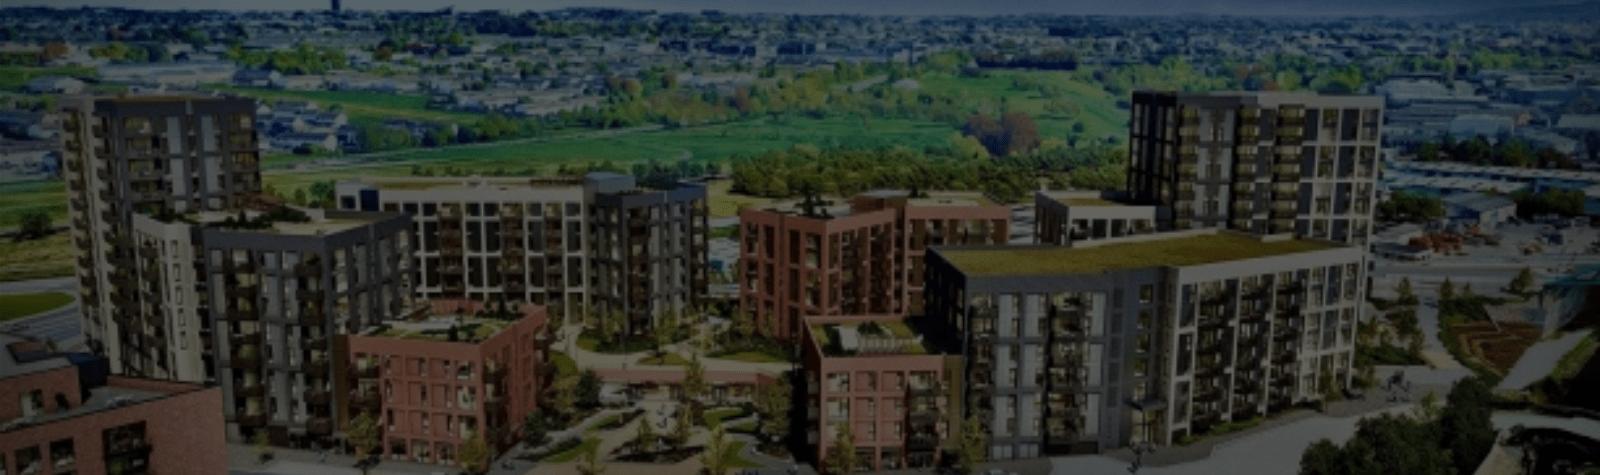 Union Investment s'engage sur le marché résidentiel irlandais